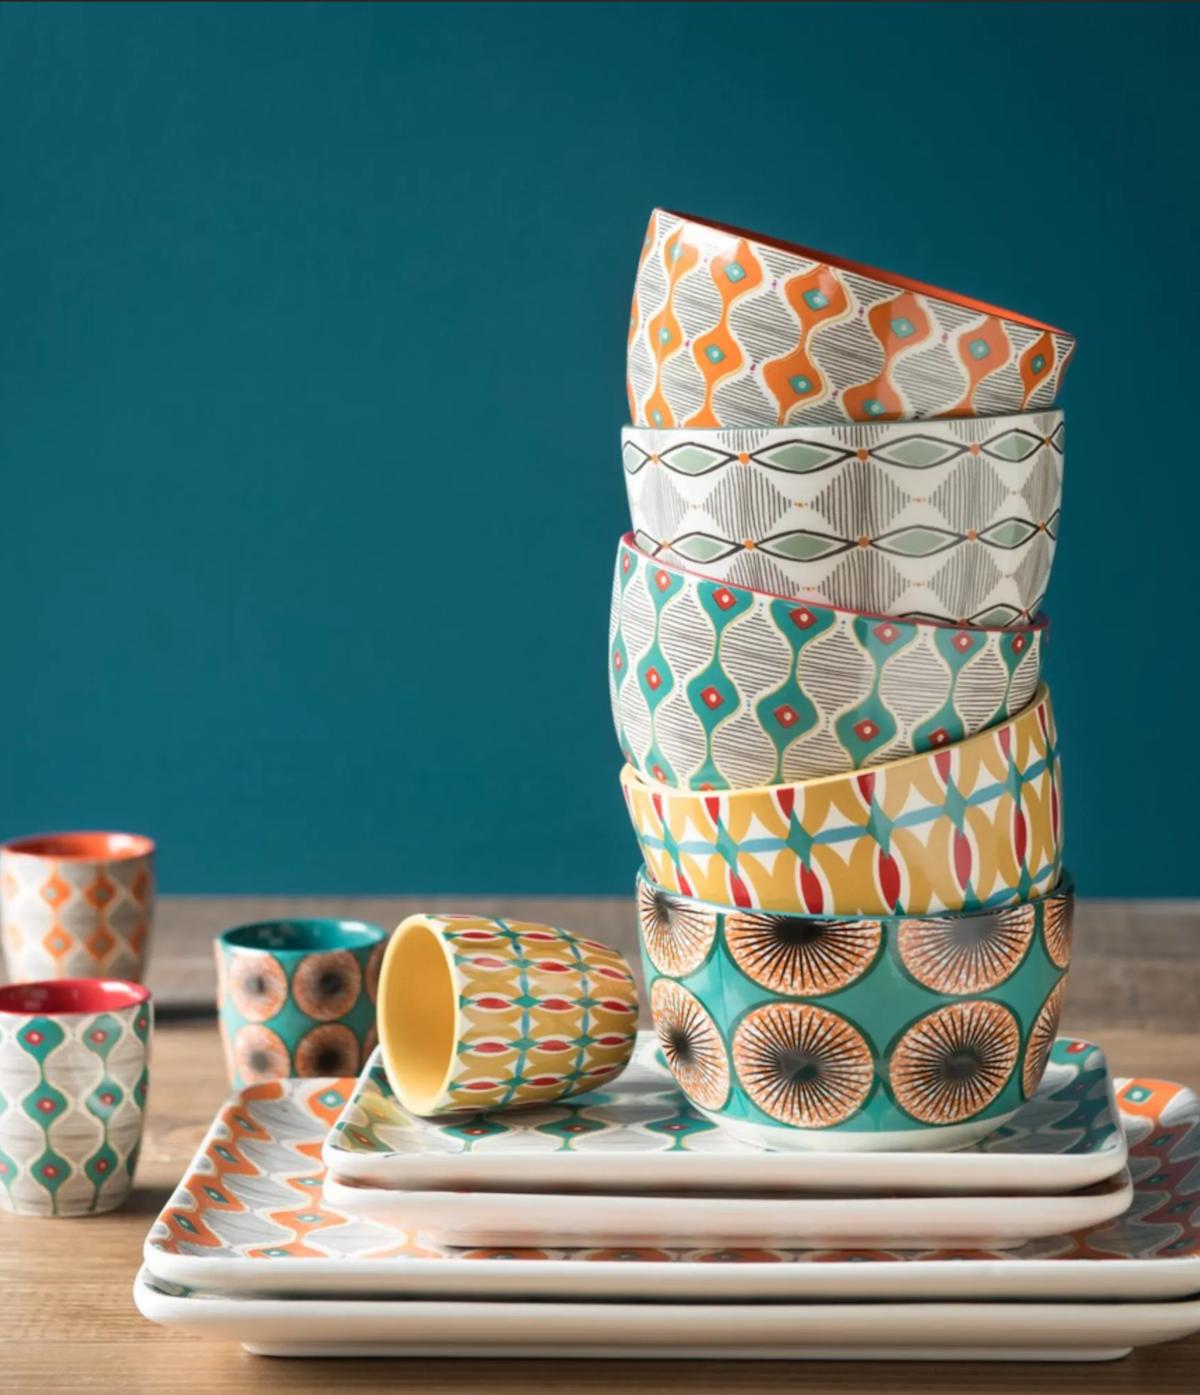 coffret tasses bols en faience multicolore - clematc